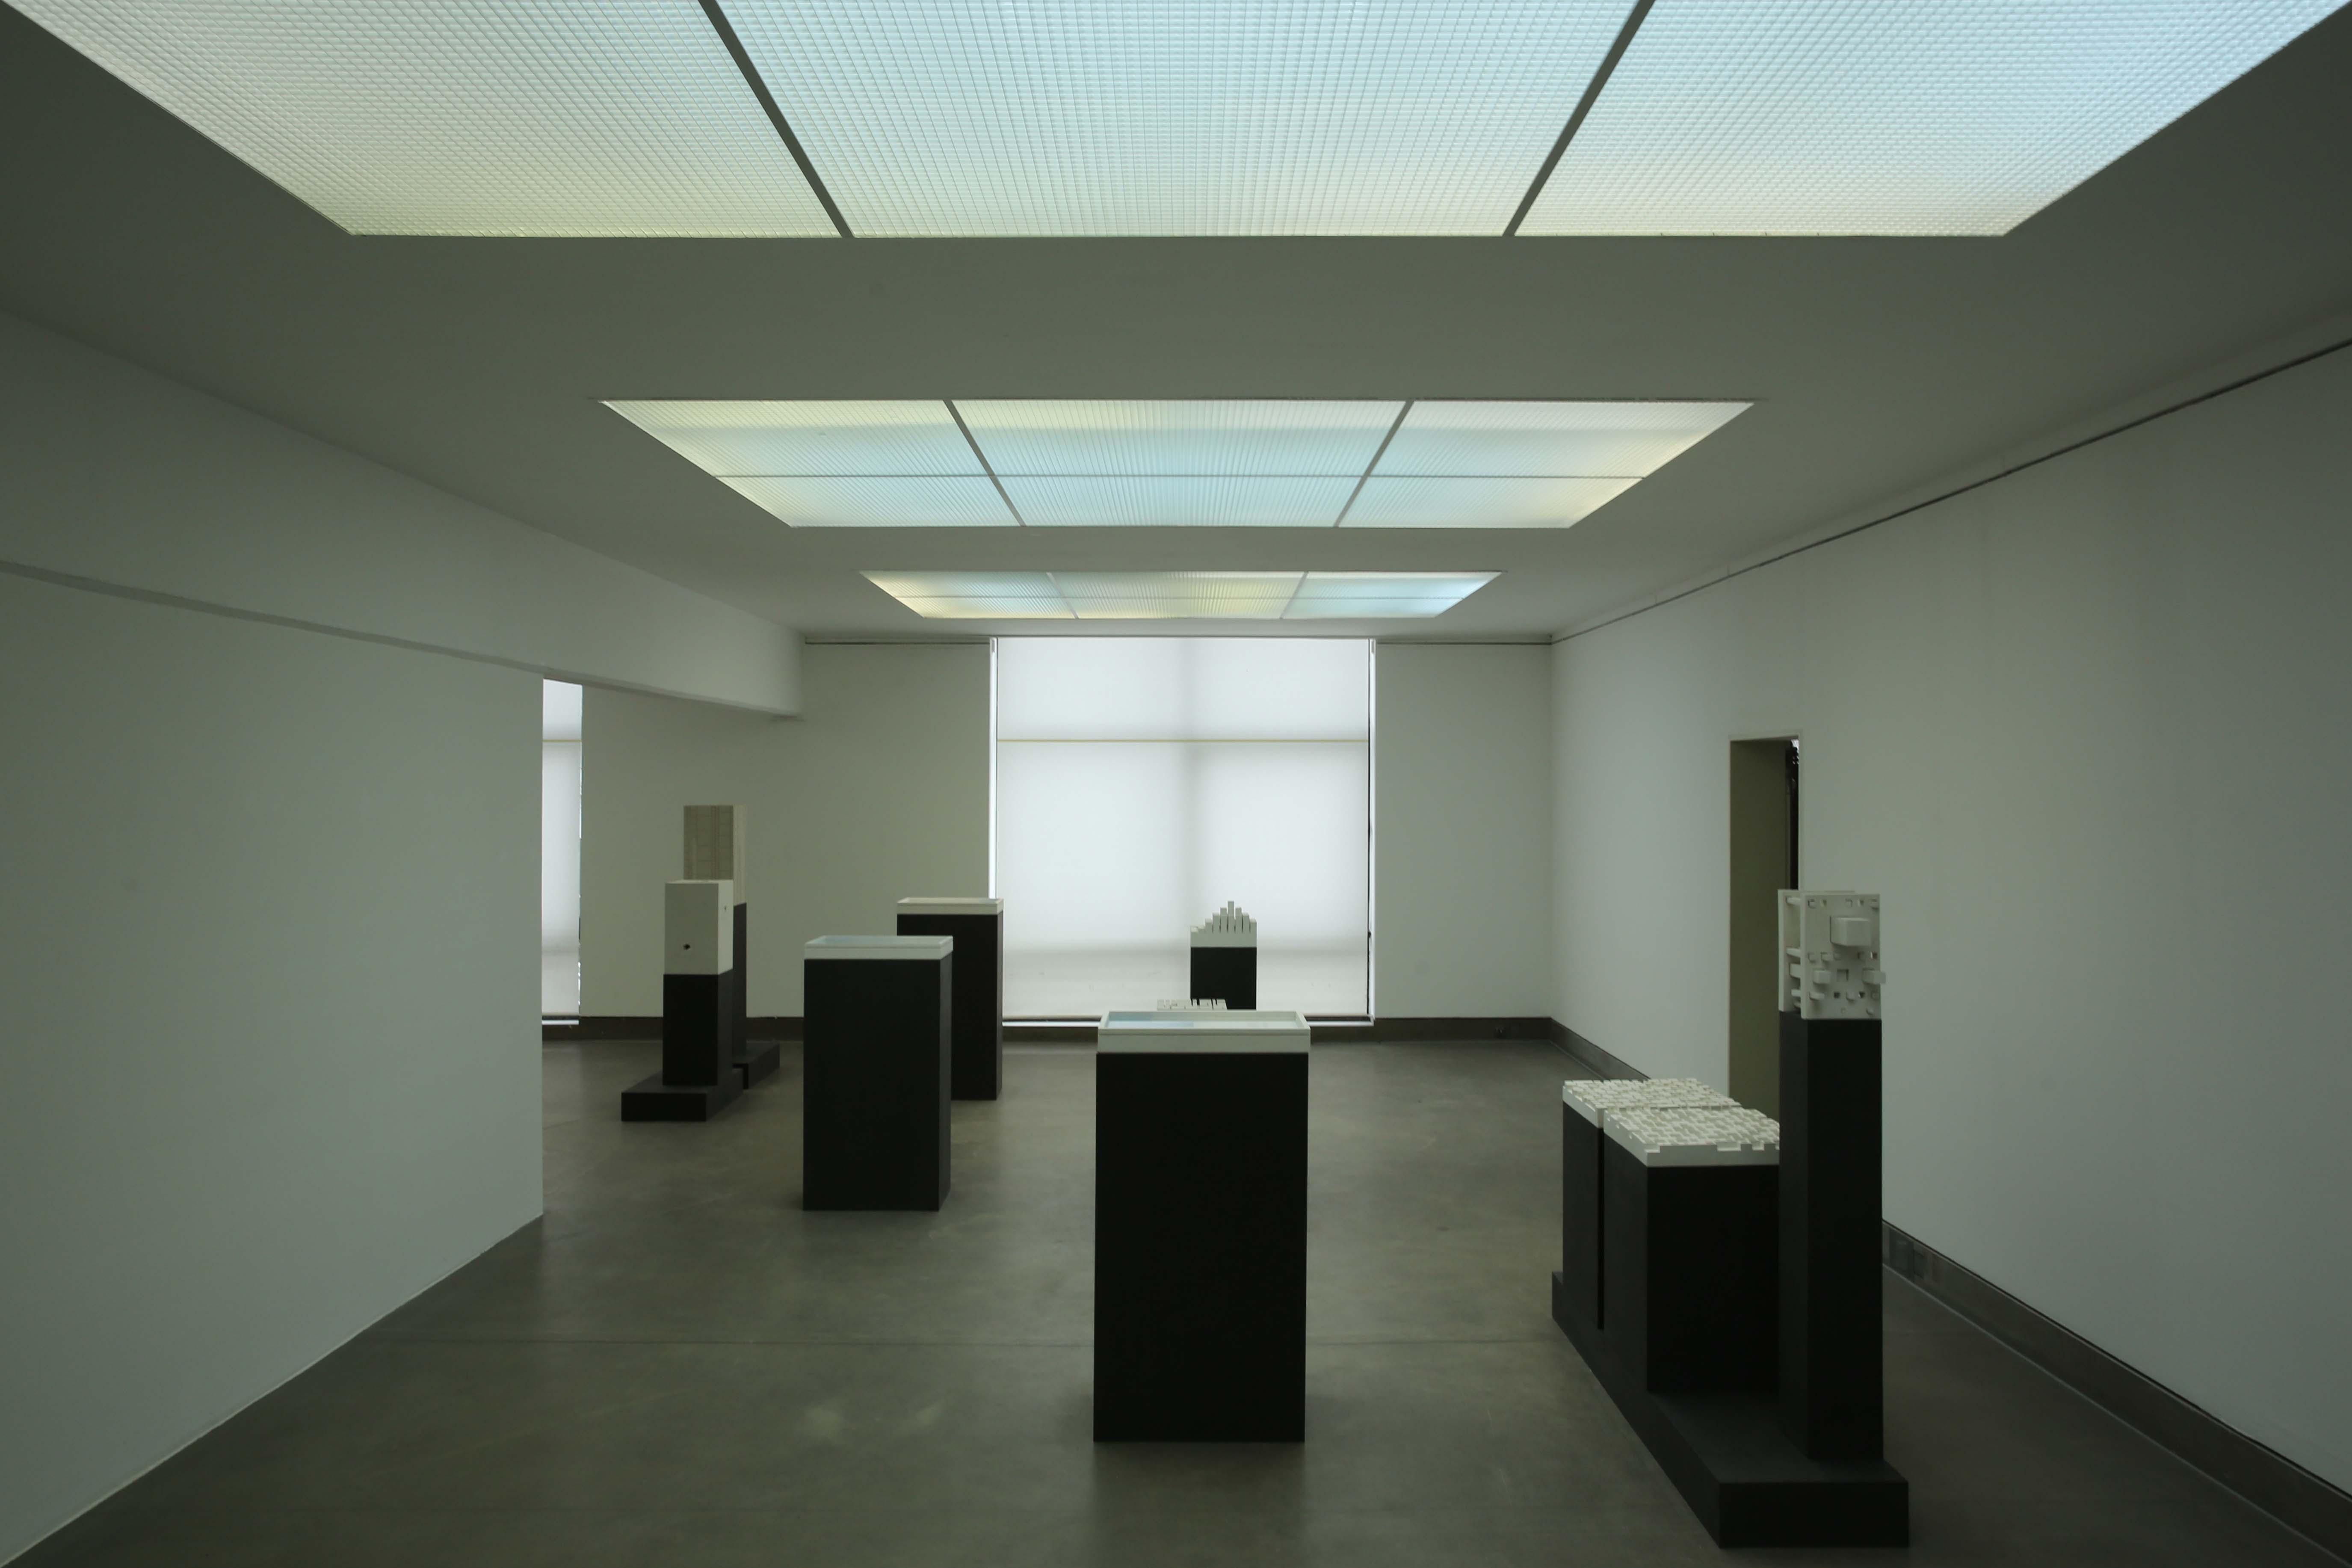 Raumgestaltung rwth stadt der r ume modelle und for Raumgestaltung aachen